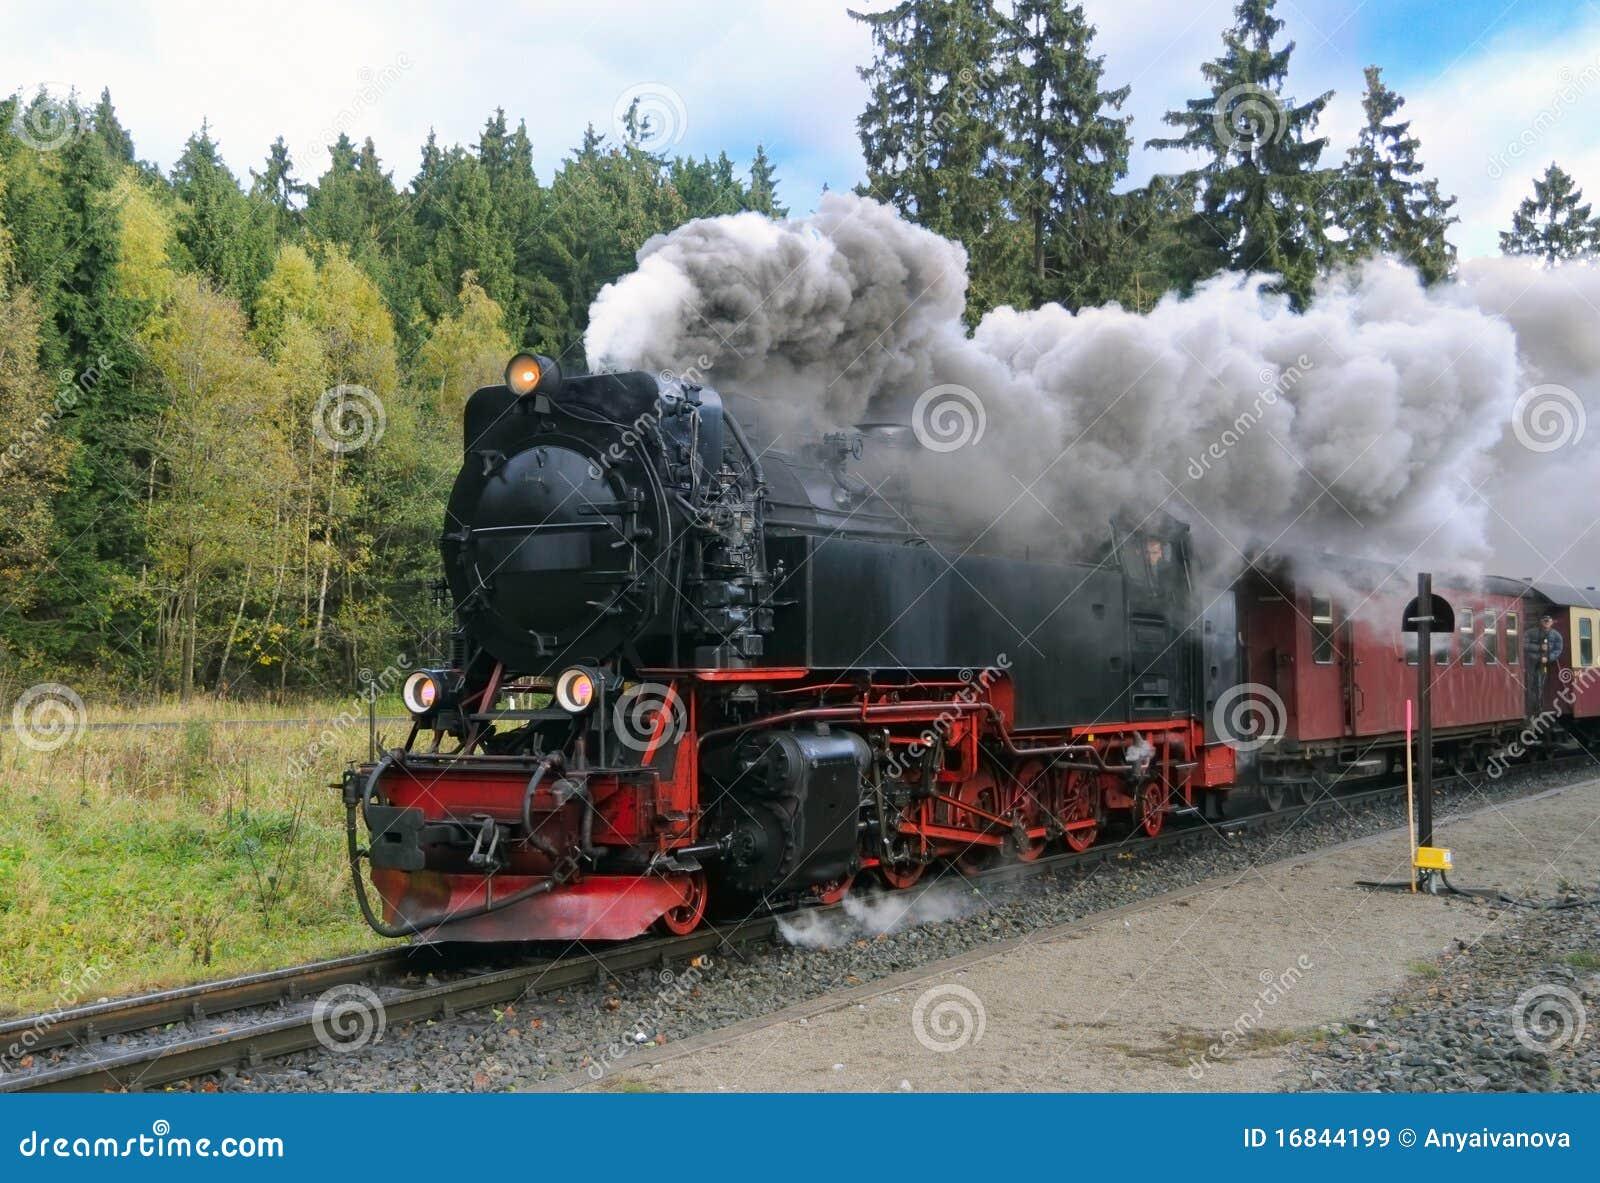 Лорак эротика фото узких поездов